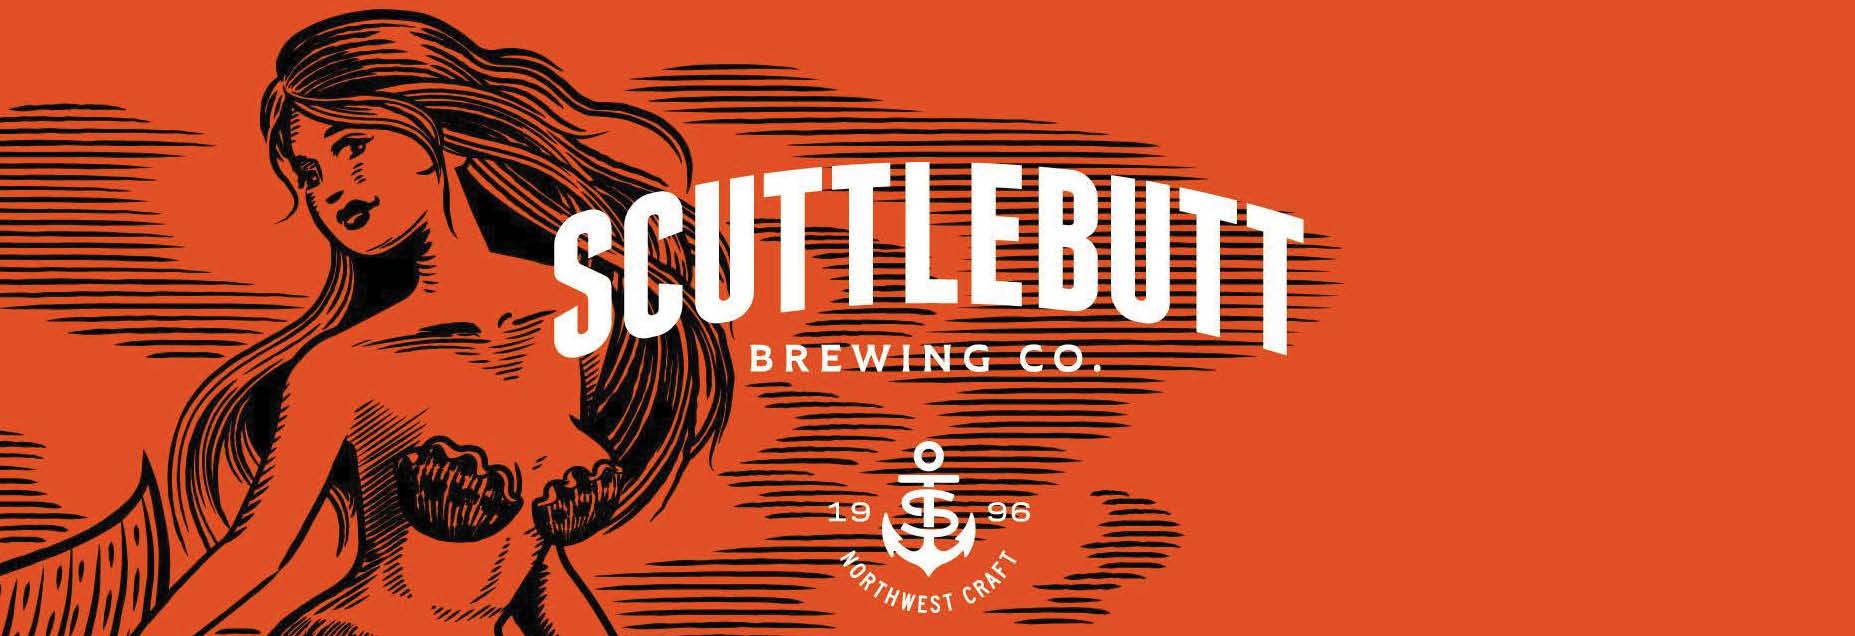 Scuttlebutt Brewing Company Restaurant main banner image - Everett, WA